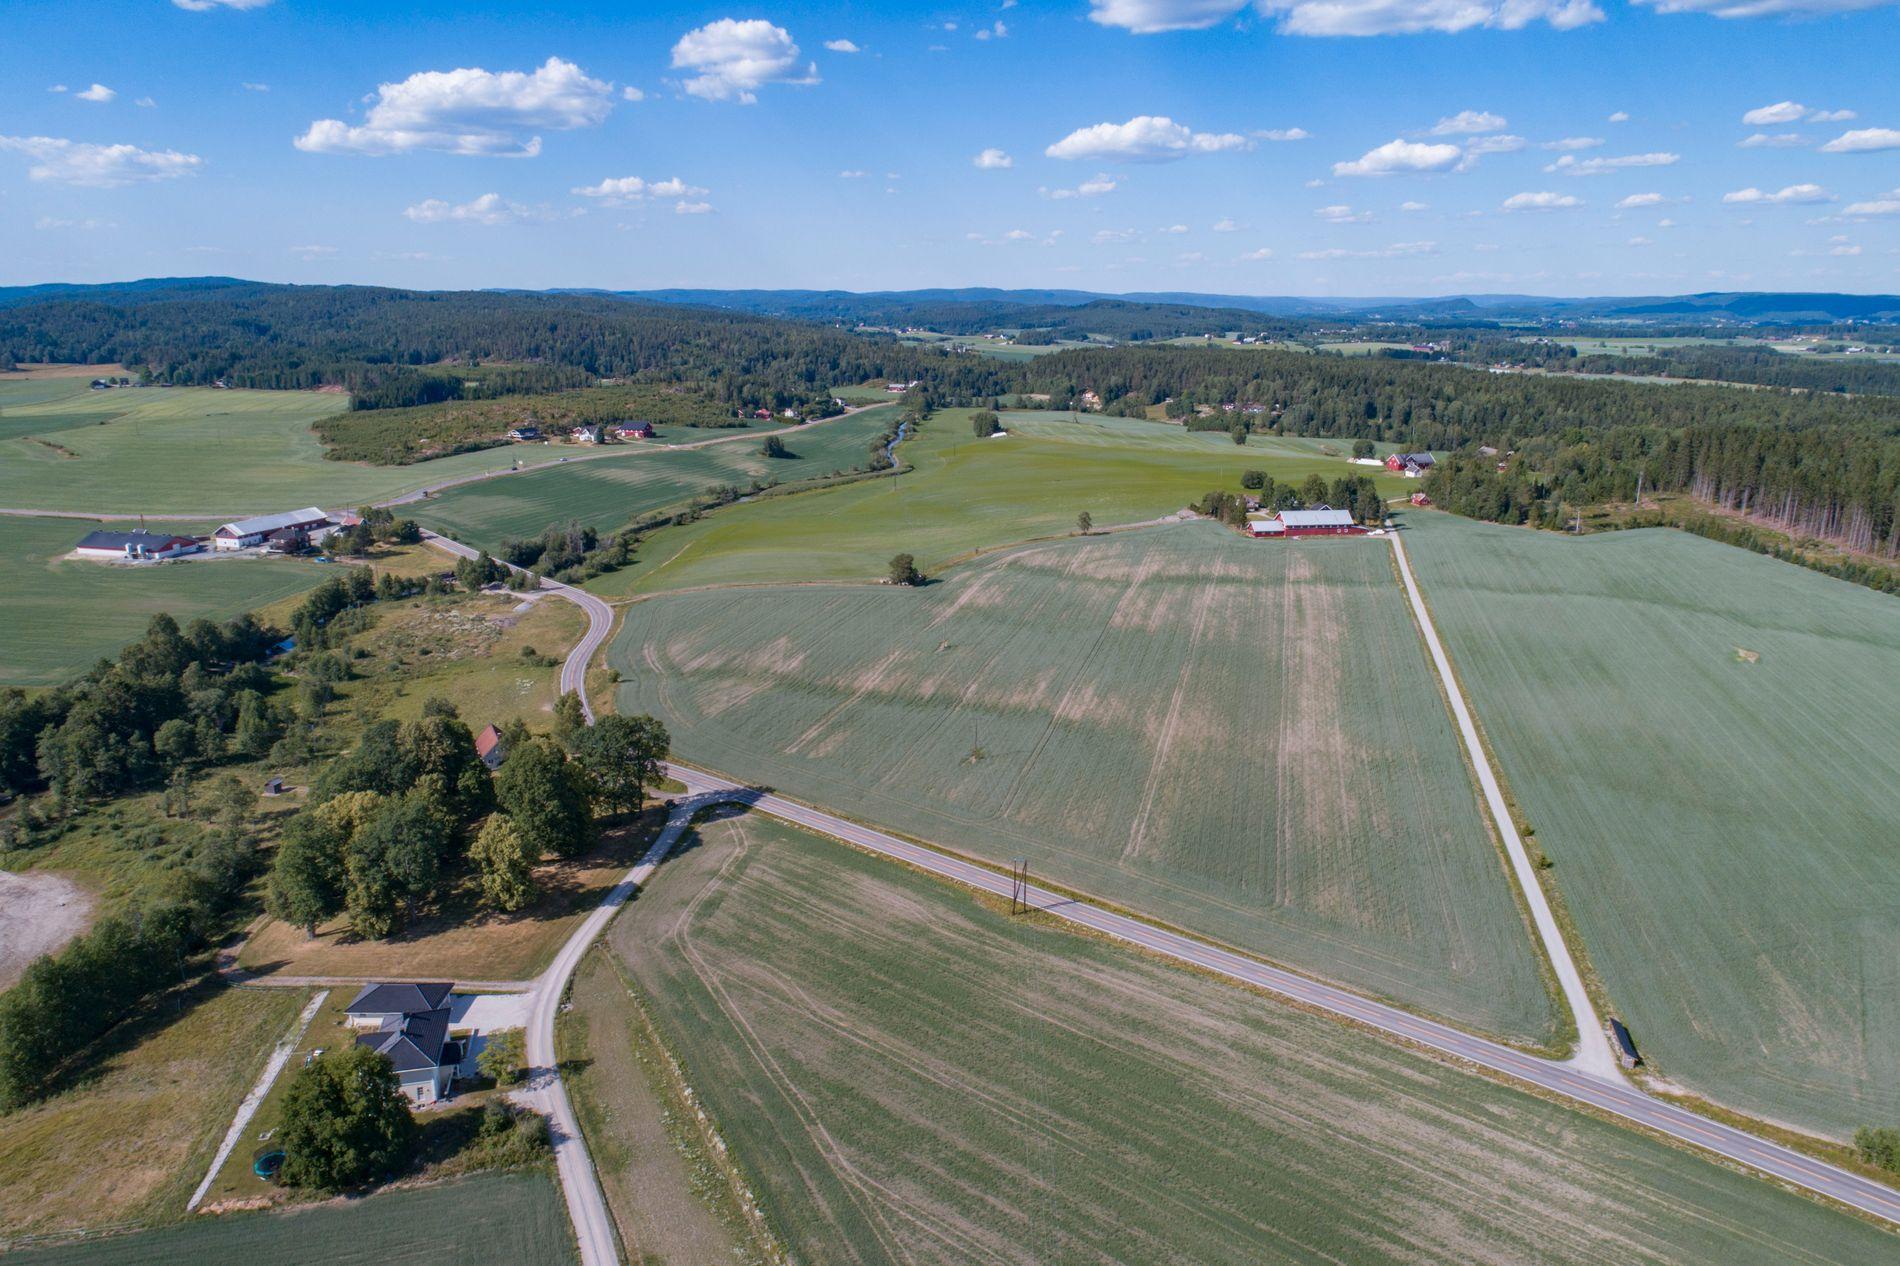 TØRT: Flere gårder sliter med dårlige beitemarker og tomme brønner som følge av vannmangelen, her fra en gård i Aurskog Høland.